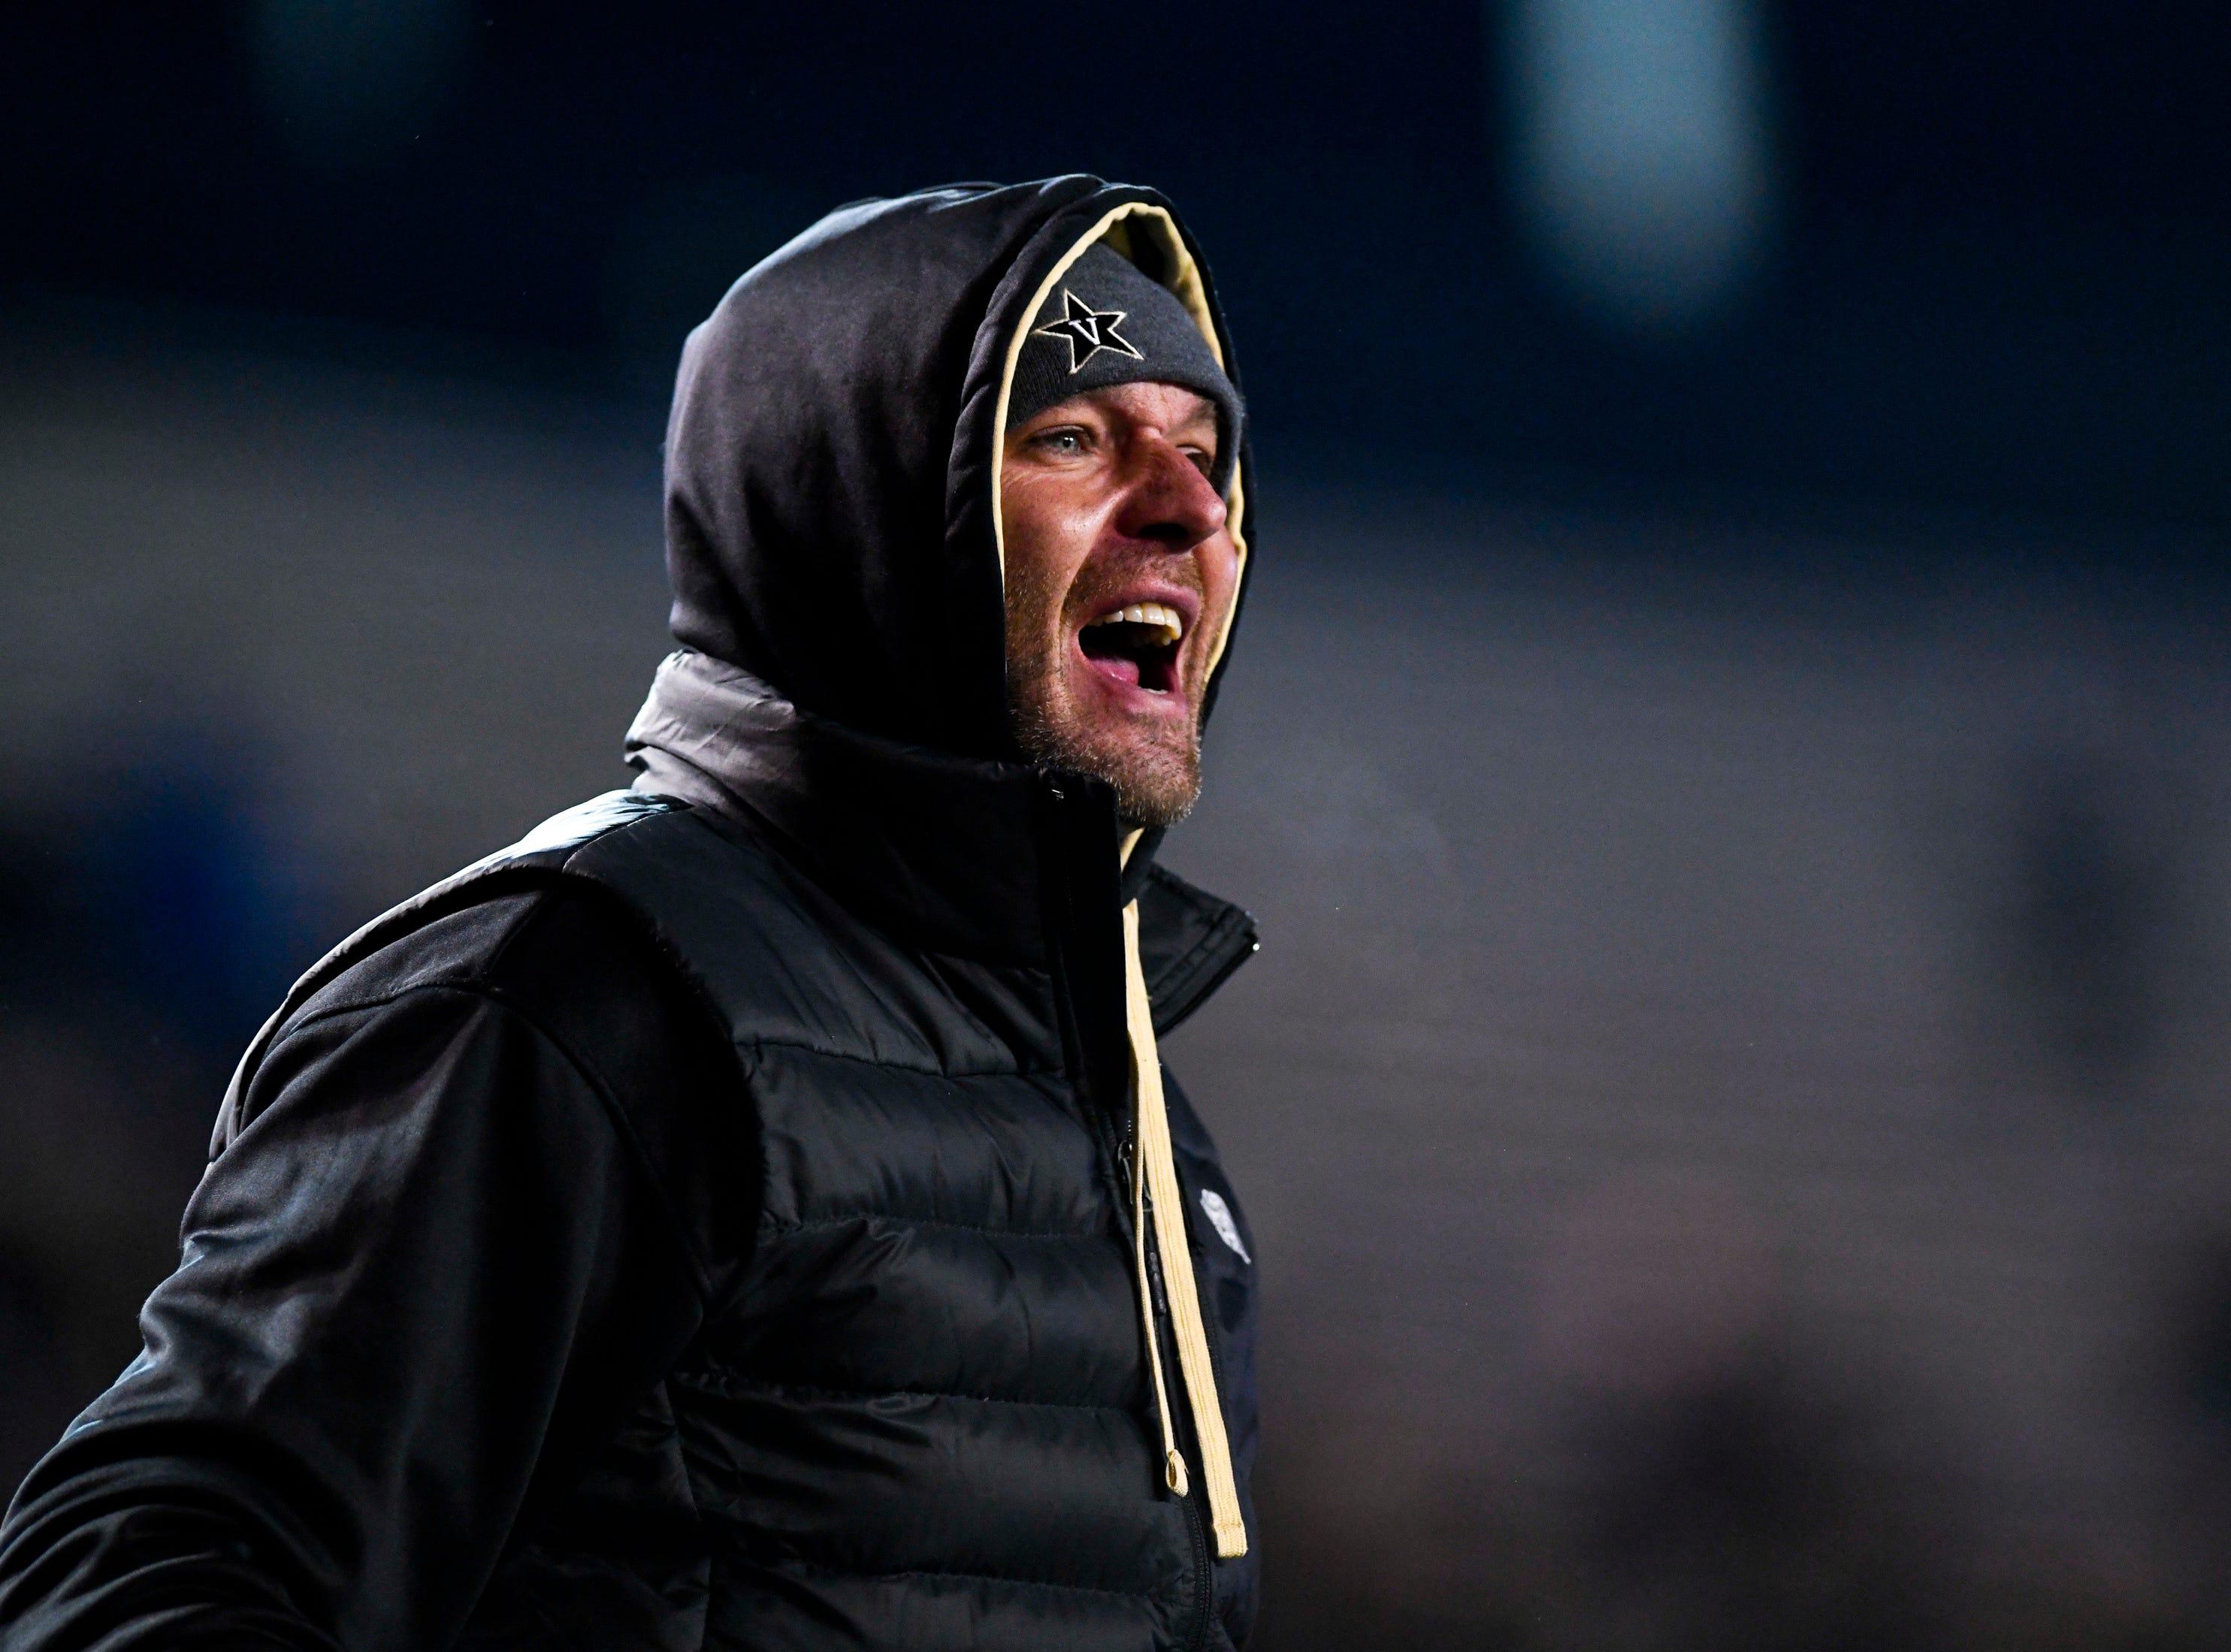 A Vanderbilt fan yells during Vanderbilt's game against Ole Miss at Vanderbilt Stadium in Nashville on Saturday, Nov. 17, 2018.